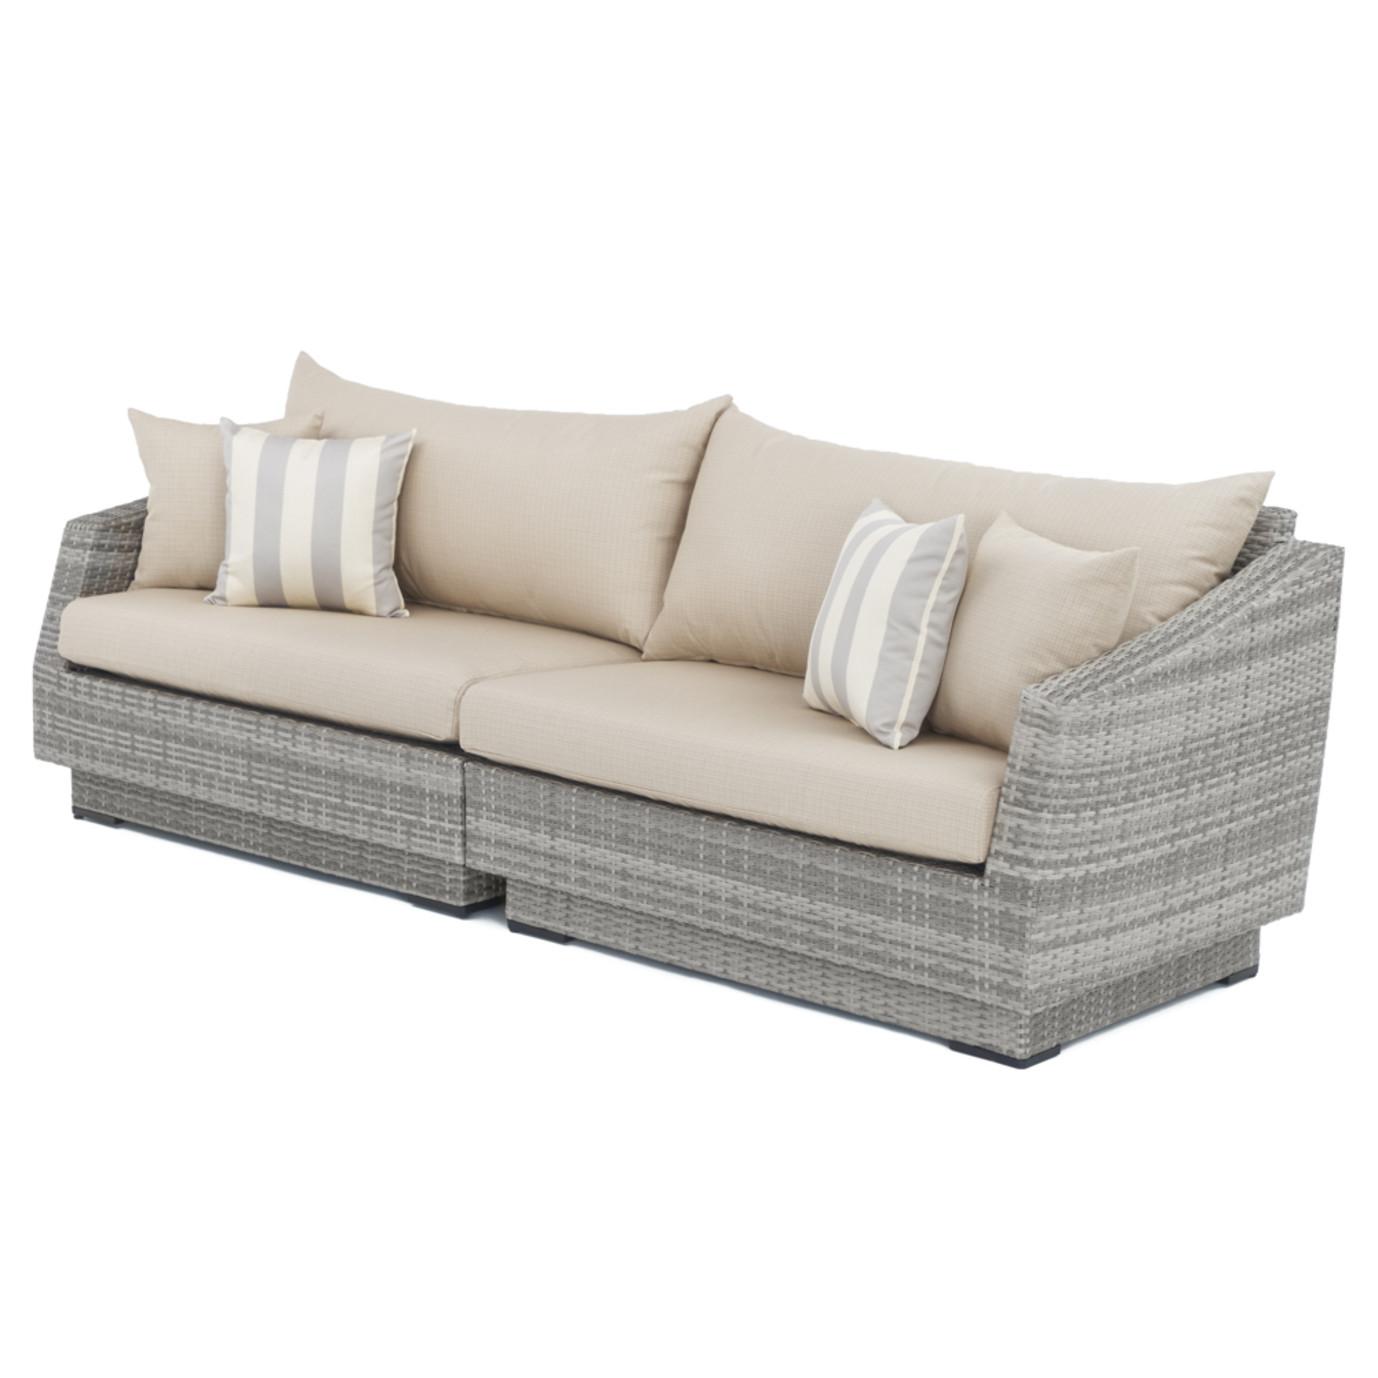 Cannes™ Sofa - Slate Gray